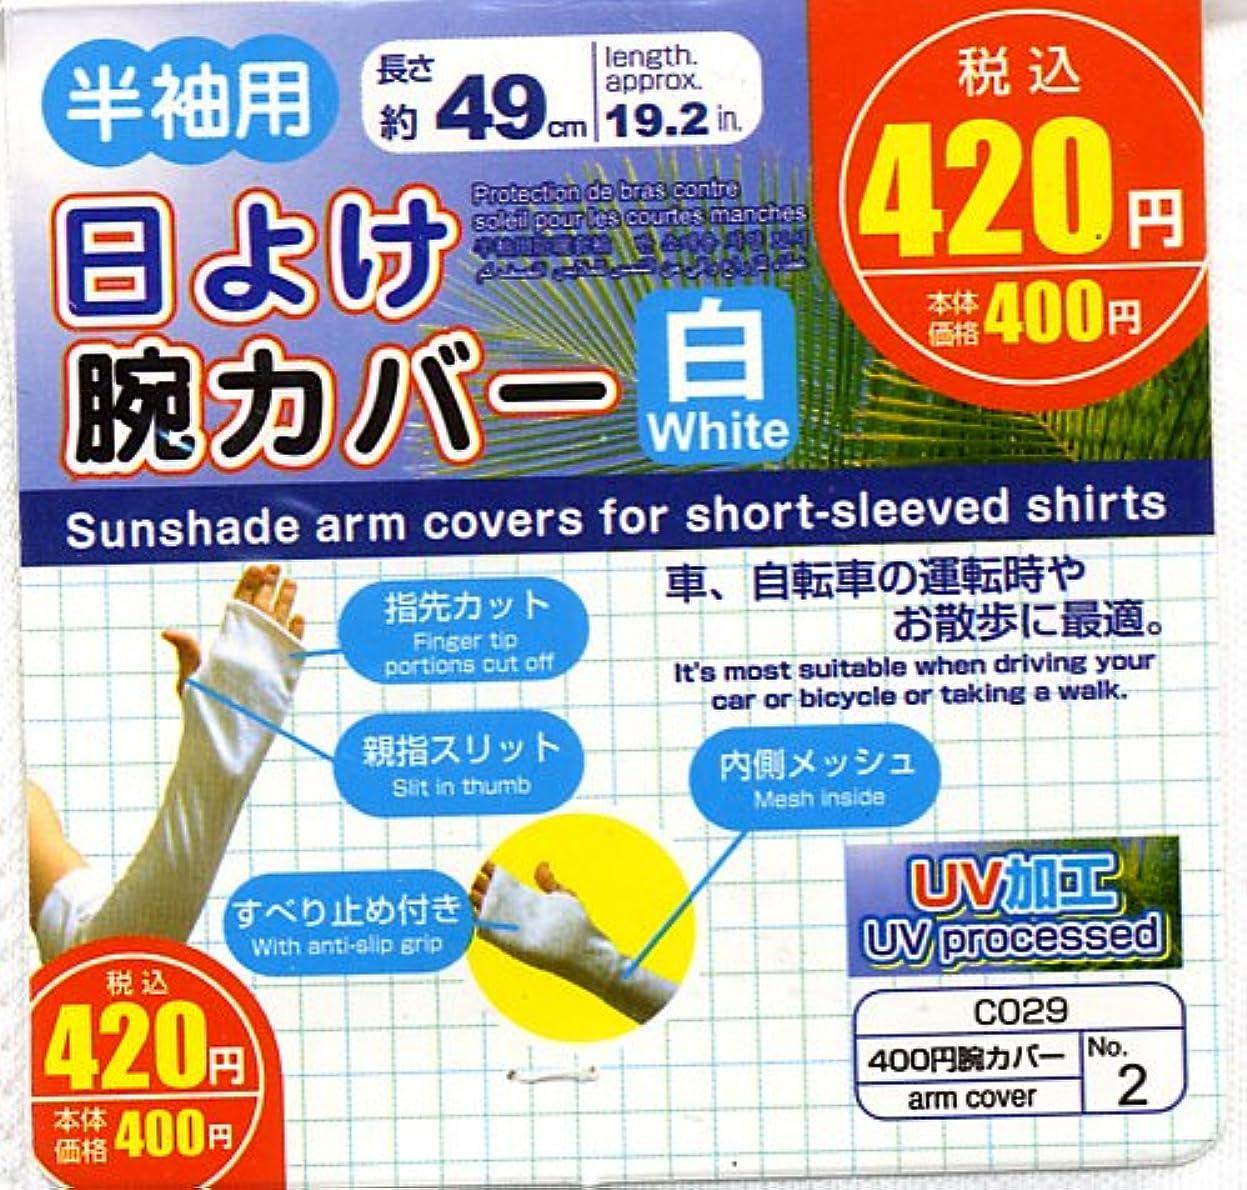 収縮あざ前部紫外線対策に!UVカットでお肌を紫外線から守る!日よけ腕カバー